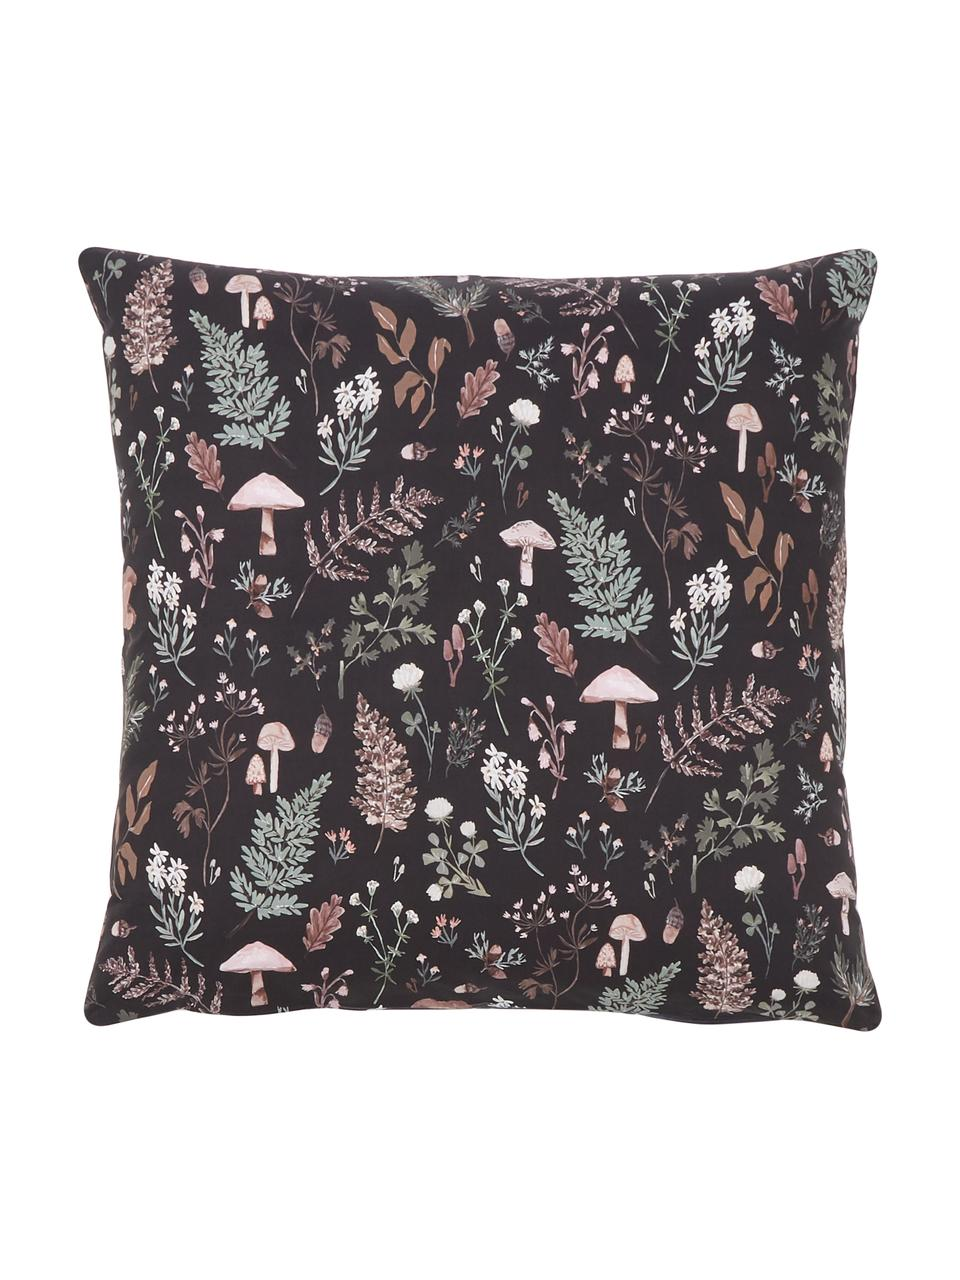 Designer Perkal-Bettwäsche Mushroom aus Bio-Baumwolle von Candice Gray , Webart: Perkal Fadendichte 180 TC, Anthrazit, Mehrfarbig, 135 x 200 cm + 1 Kissen 80 x 80 cm